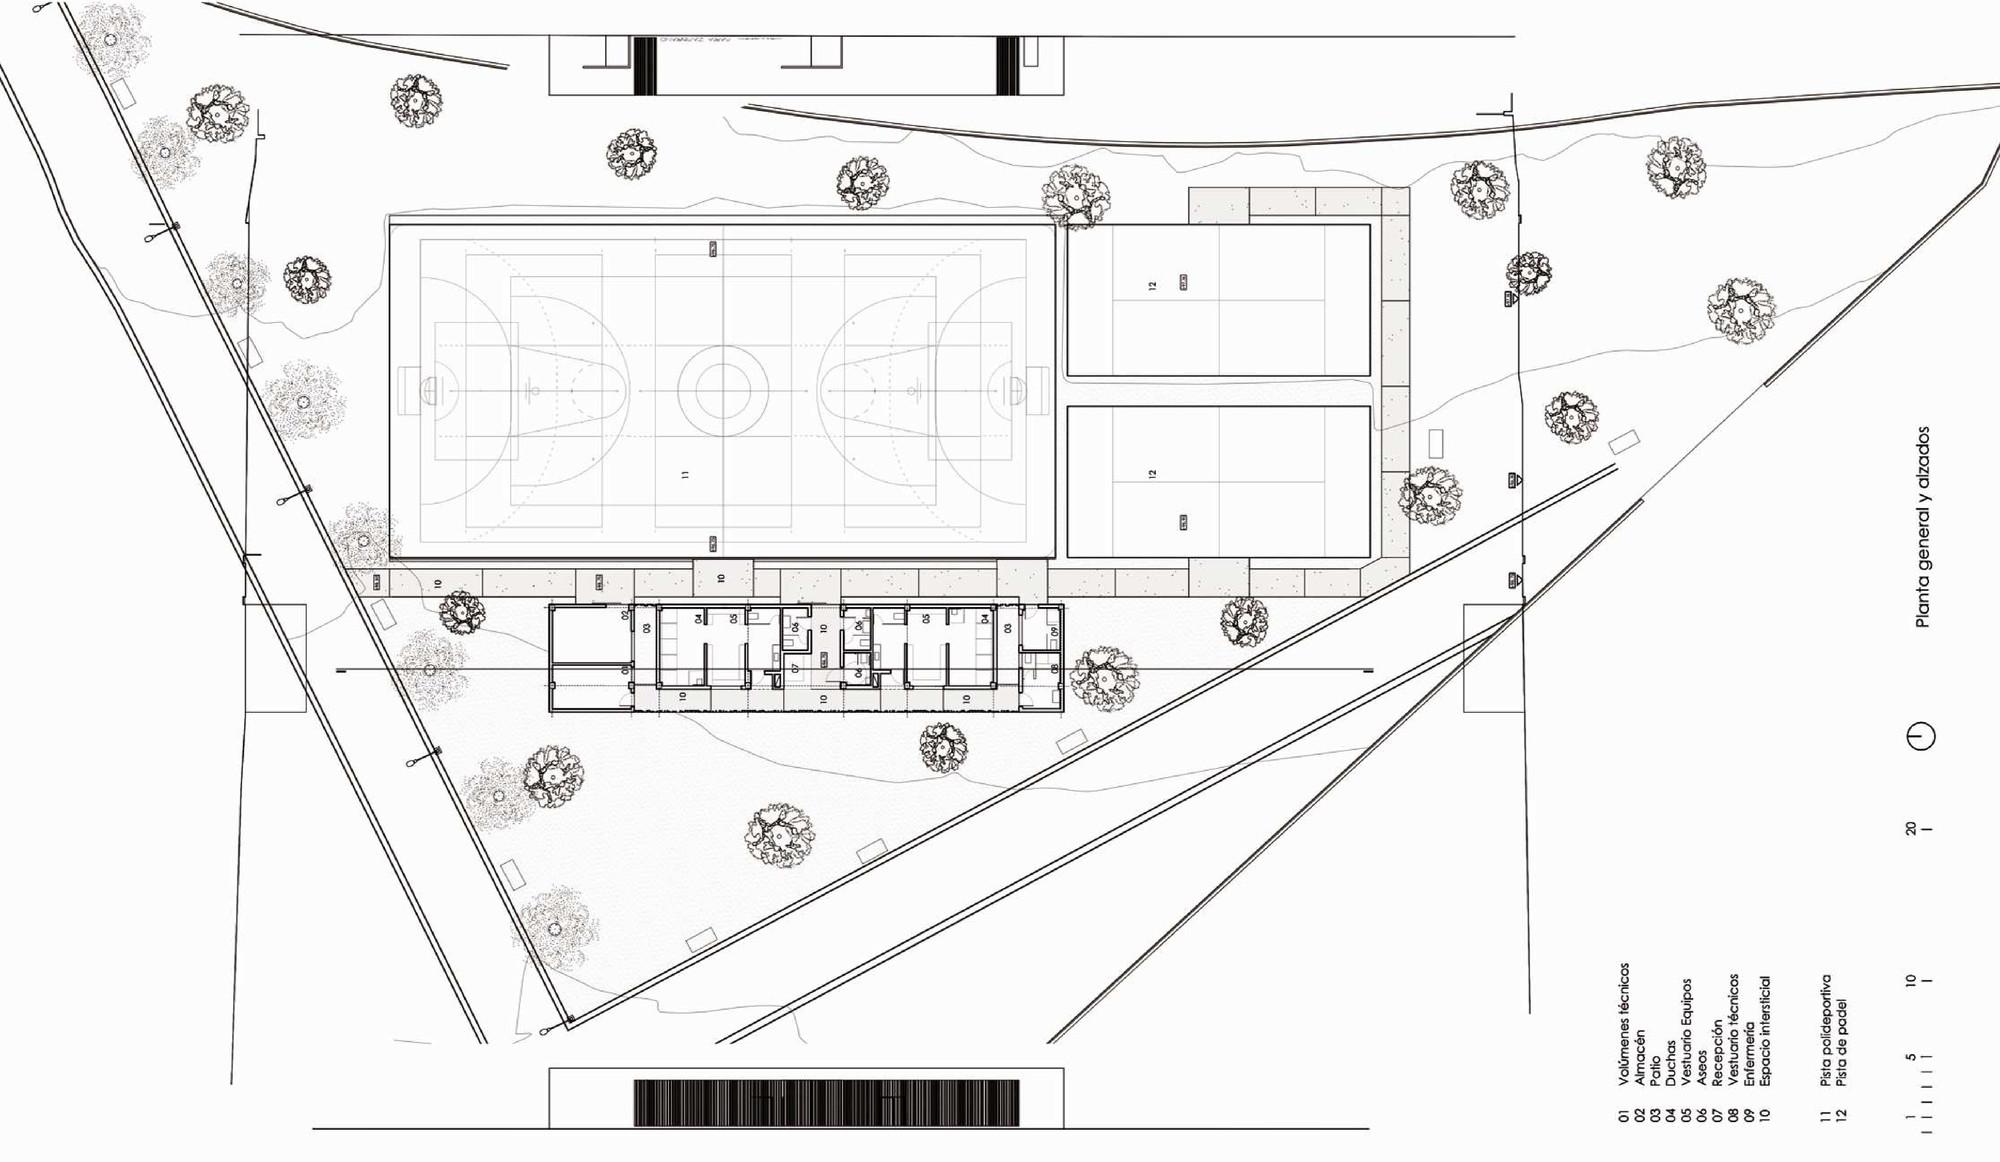 Vestuarios y pistas deportivas gana arquitectura for Plantas de oficinas arquitectura